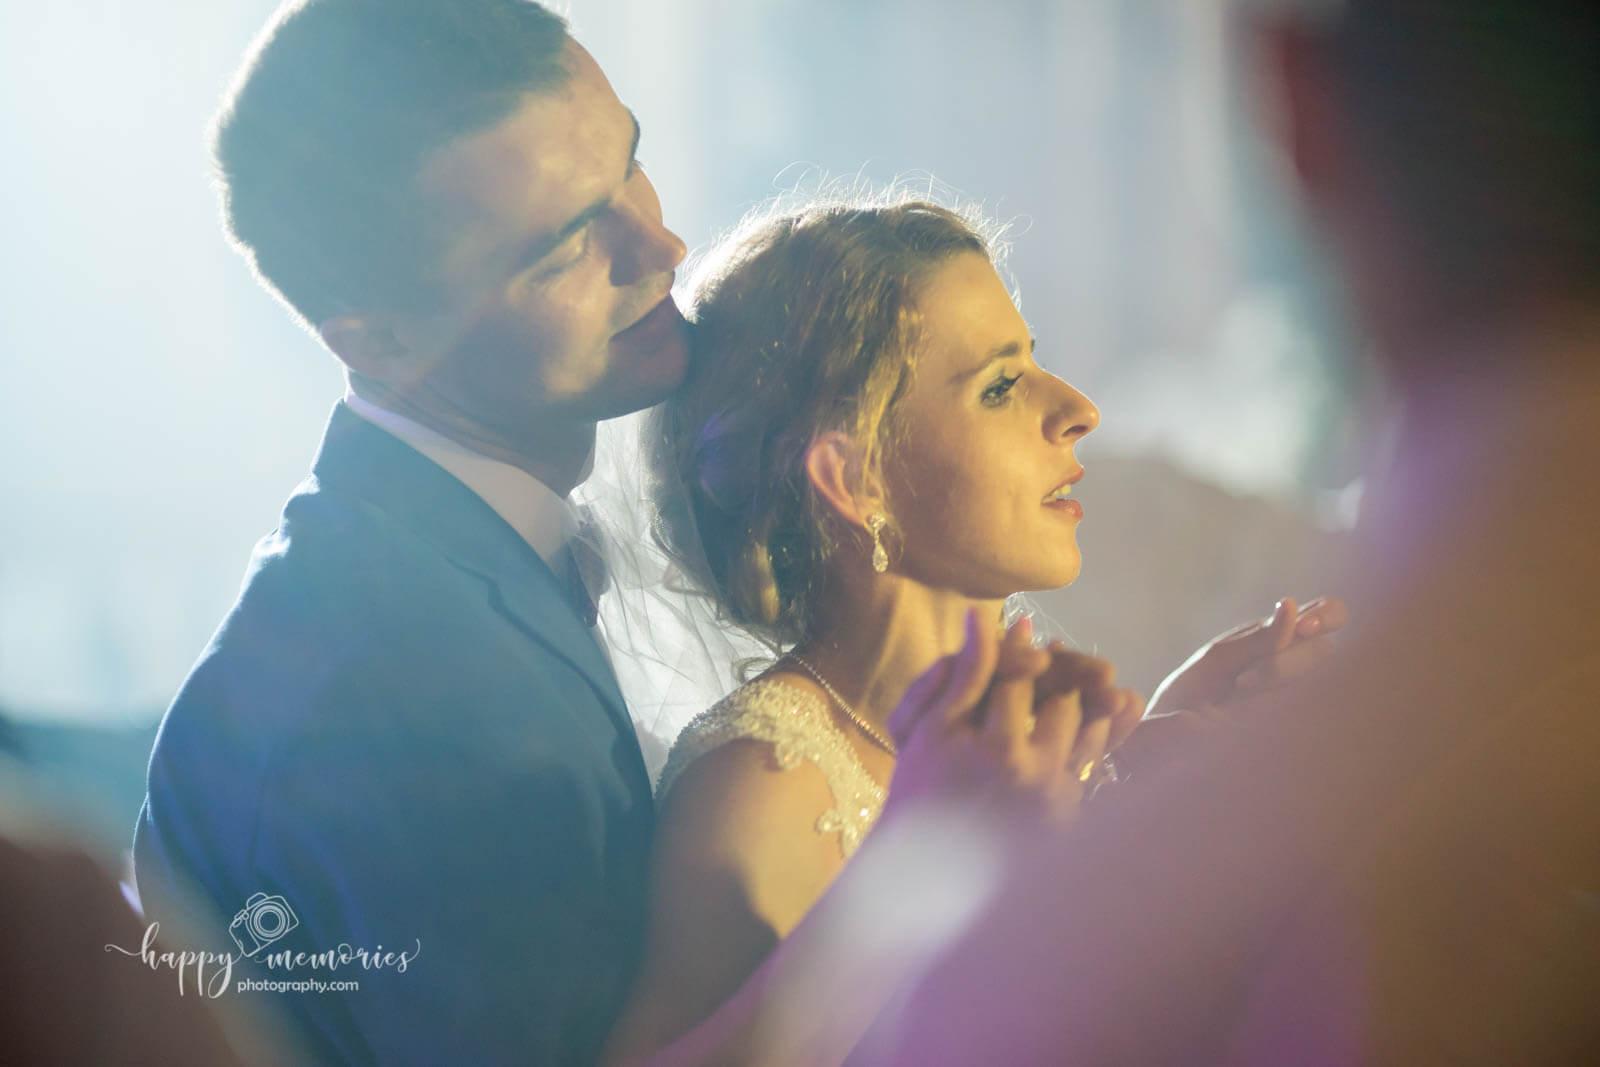 Wedding photographer Horsham-27